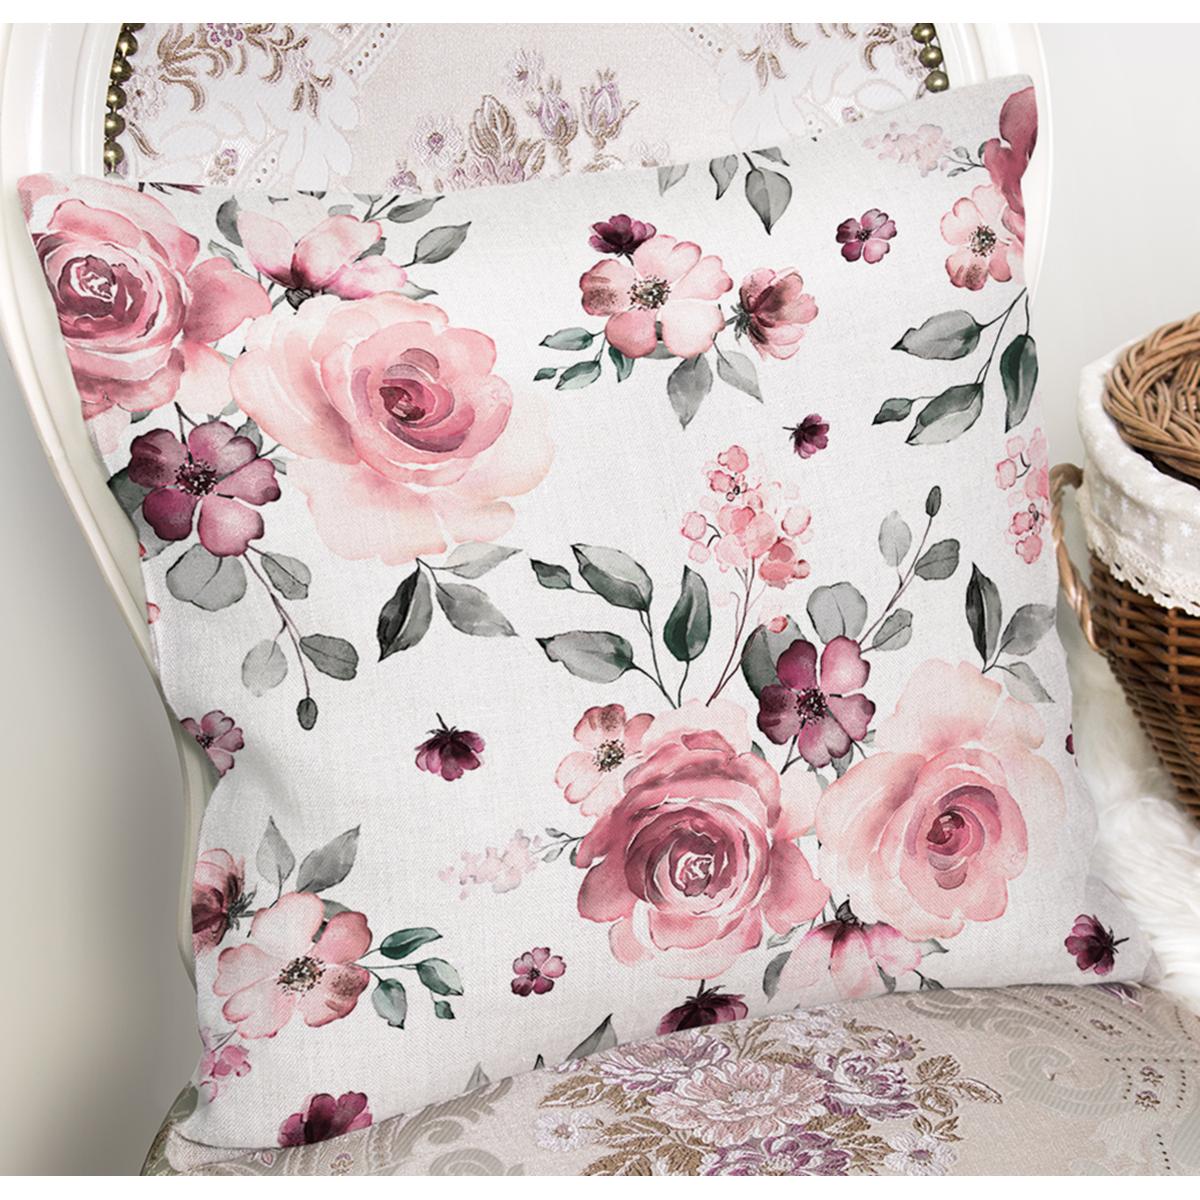 Beyaz Zemin Üzerinde Renkli Çiçek Desenli Yastık Kırlent Kılıfı Realhomes